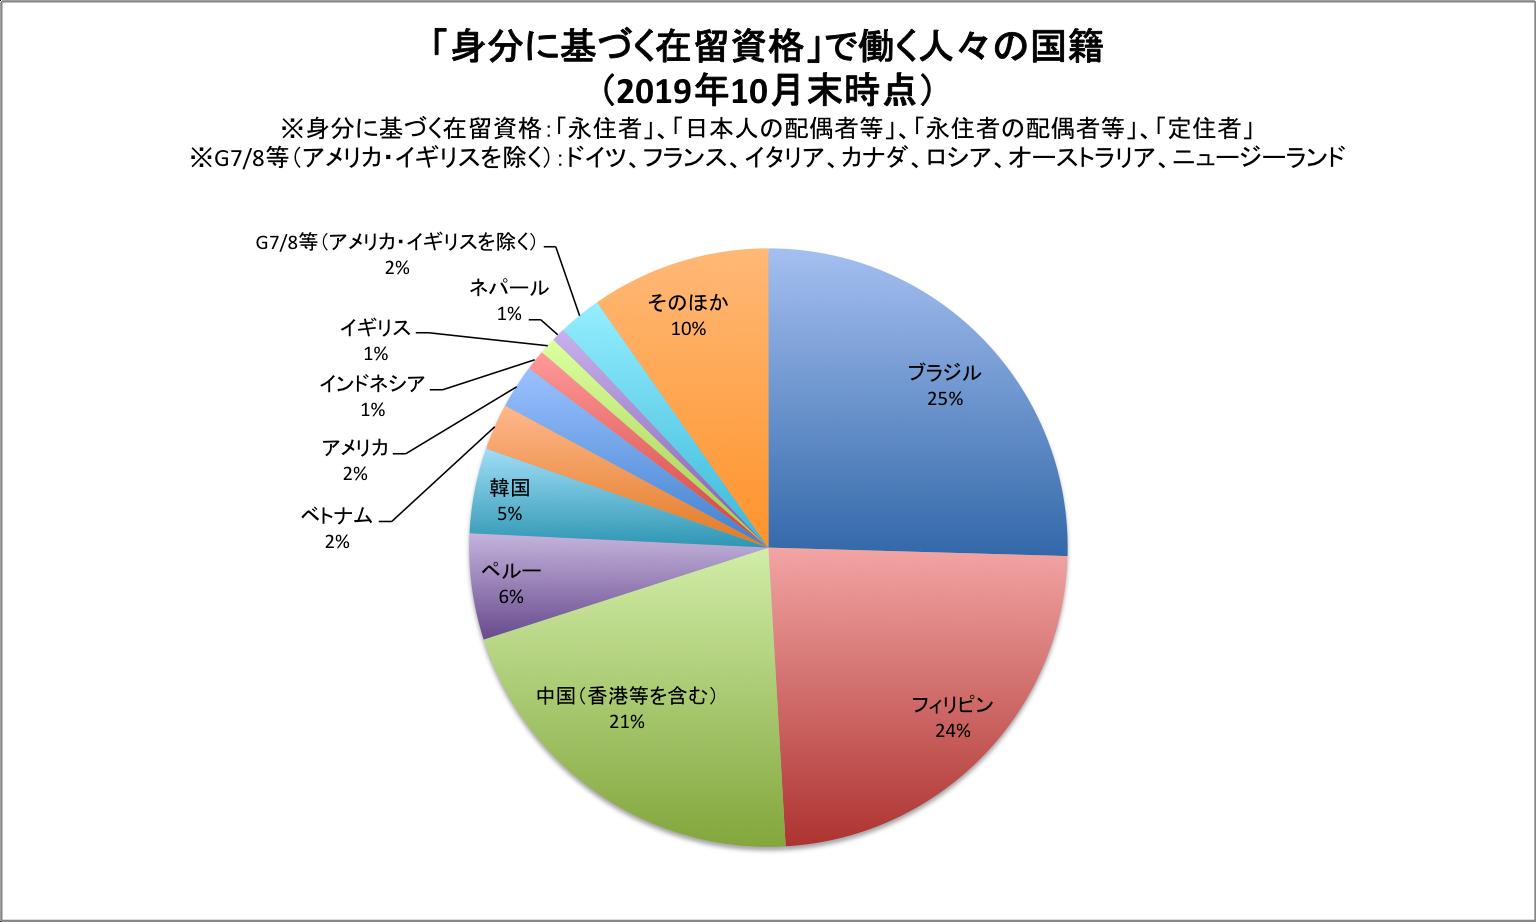 グラフ 「身分に基づく在留資格」で働く人々の国籍